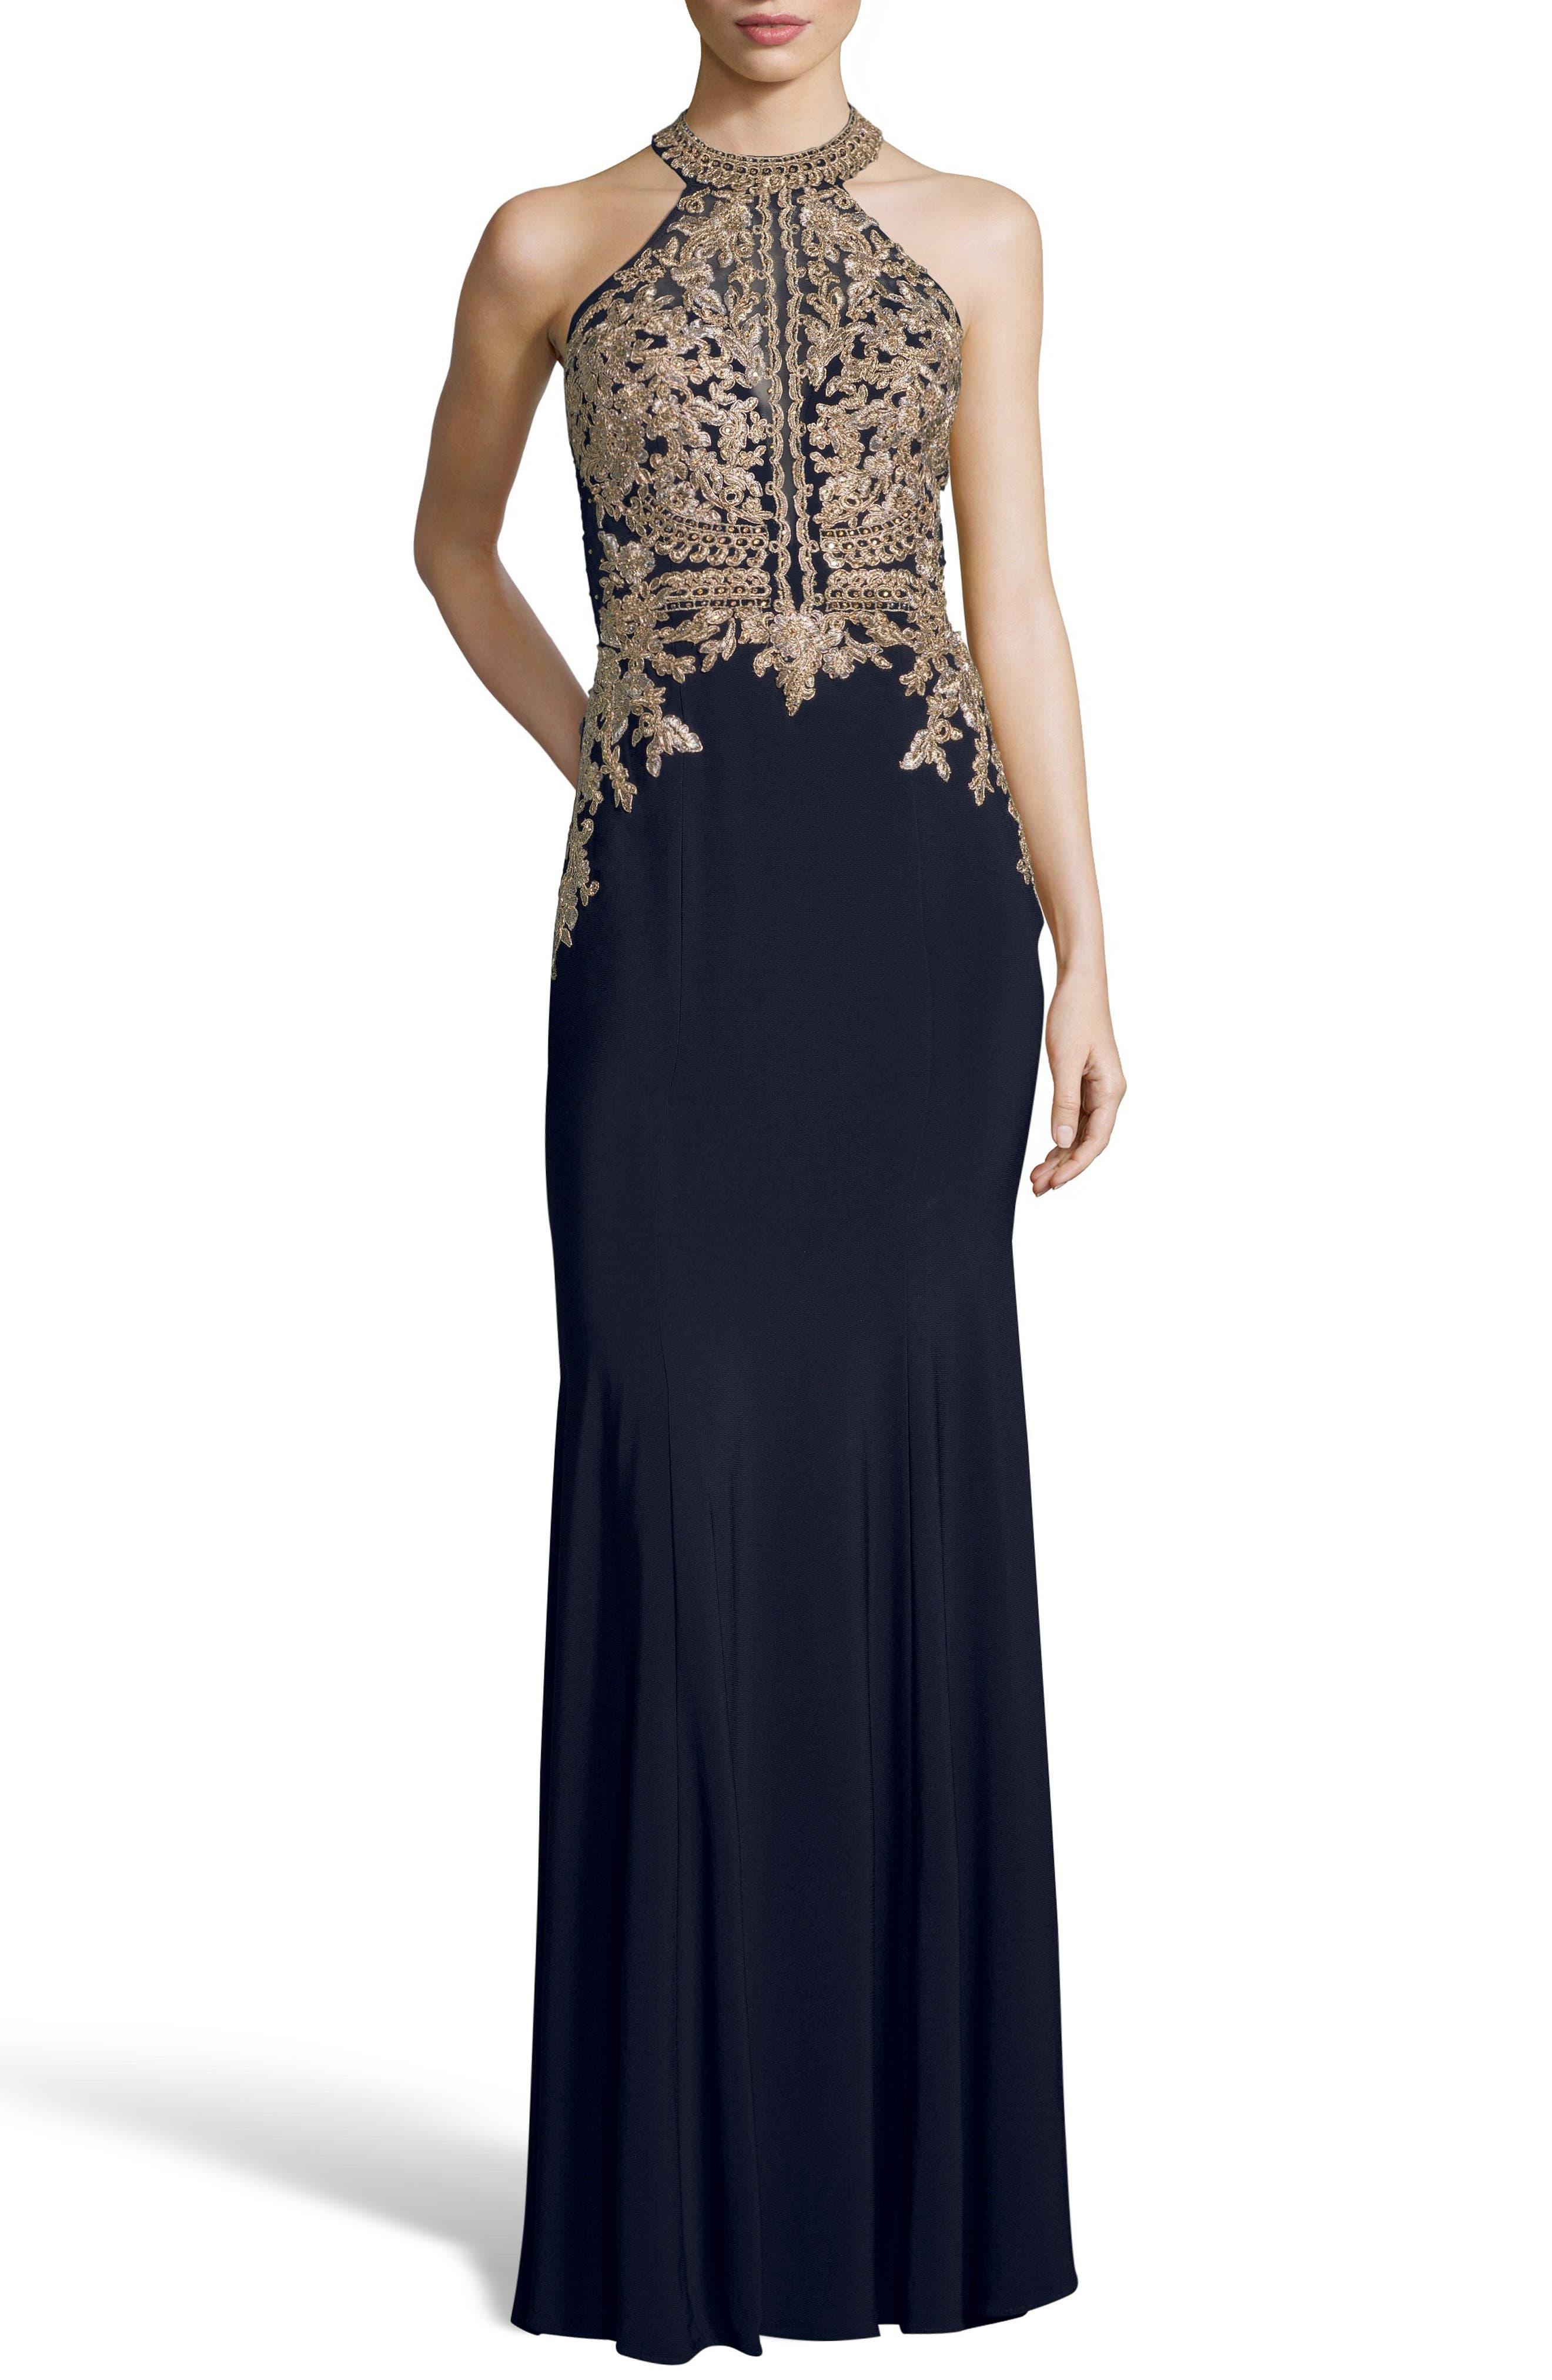 Xscape Lace Applique Open Back Evening Dress, Blue